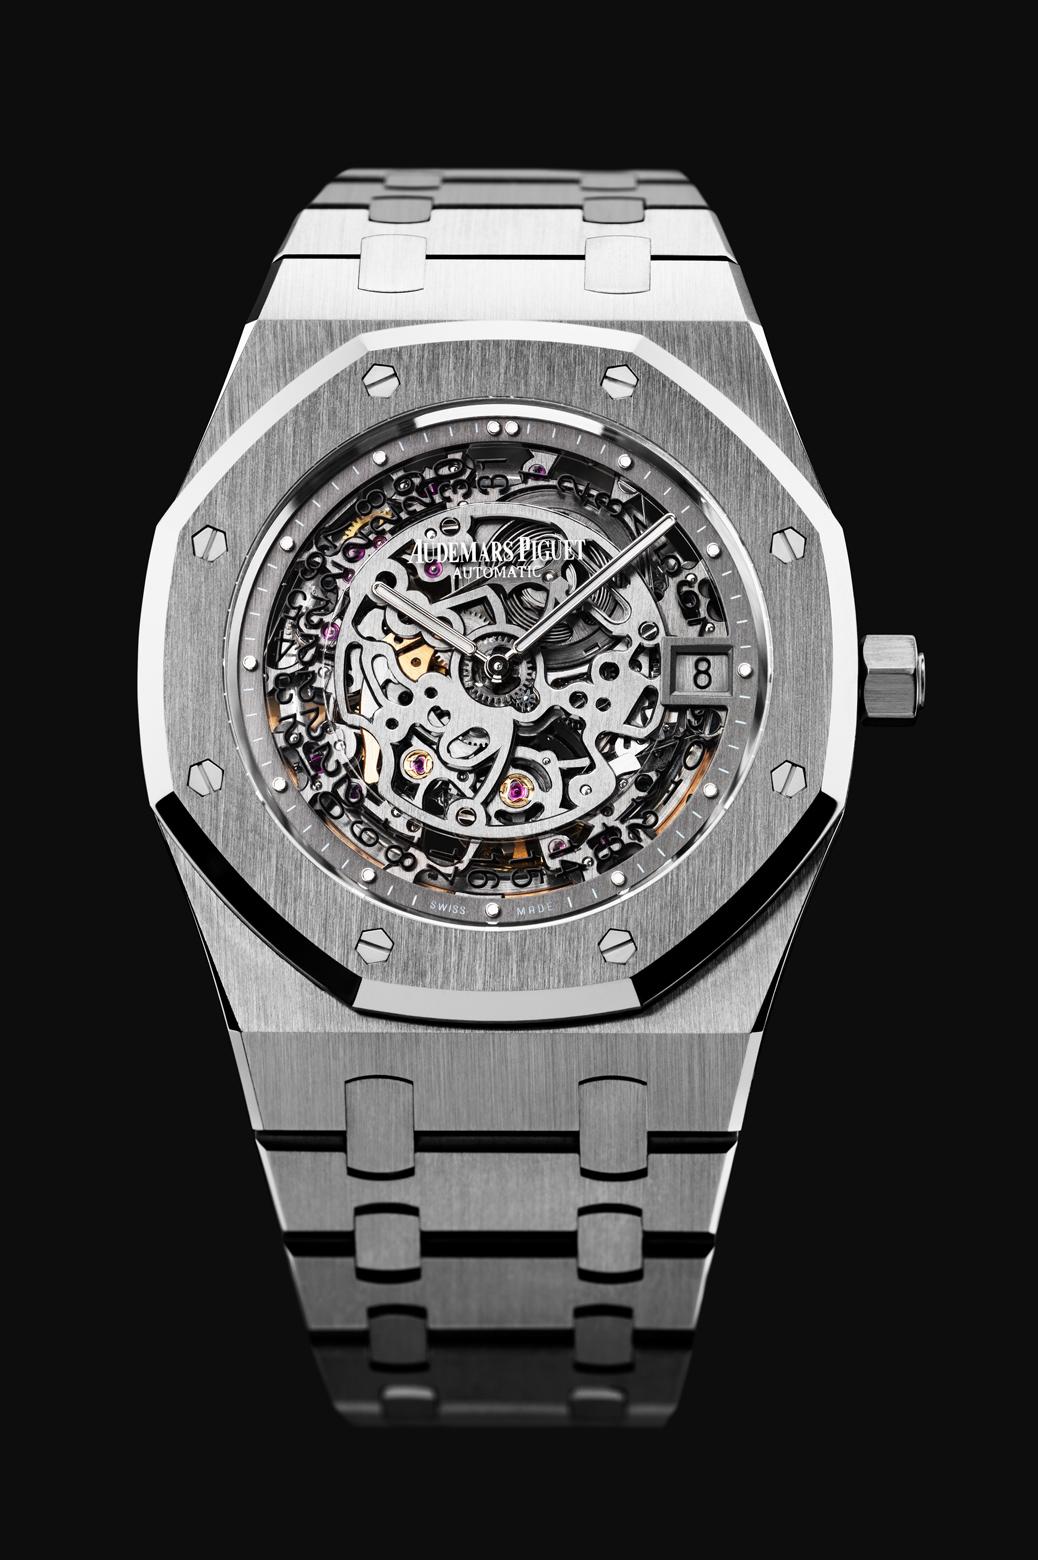 часы Audemars Piguet Open-worked Extra-thin